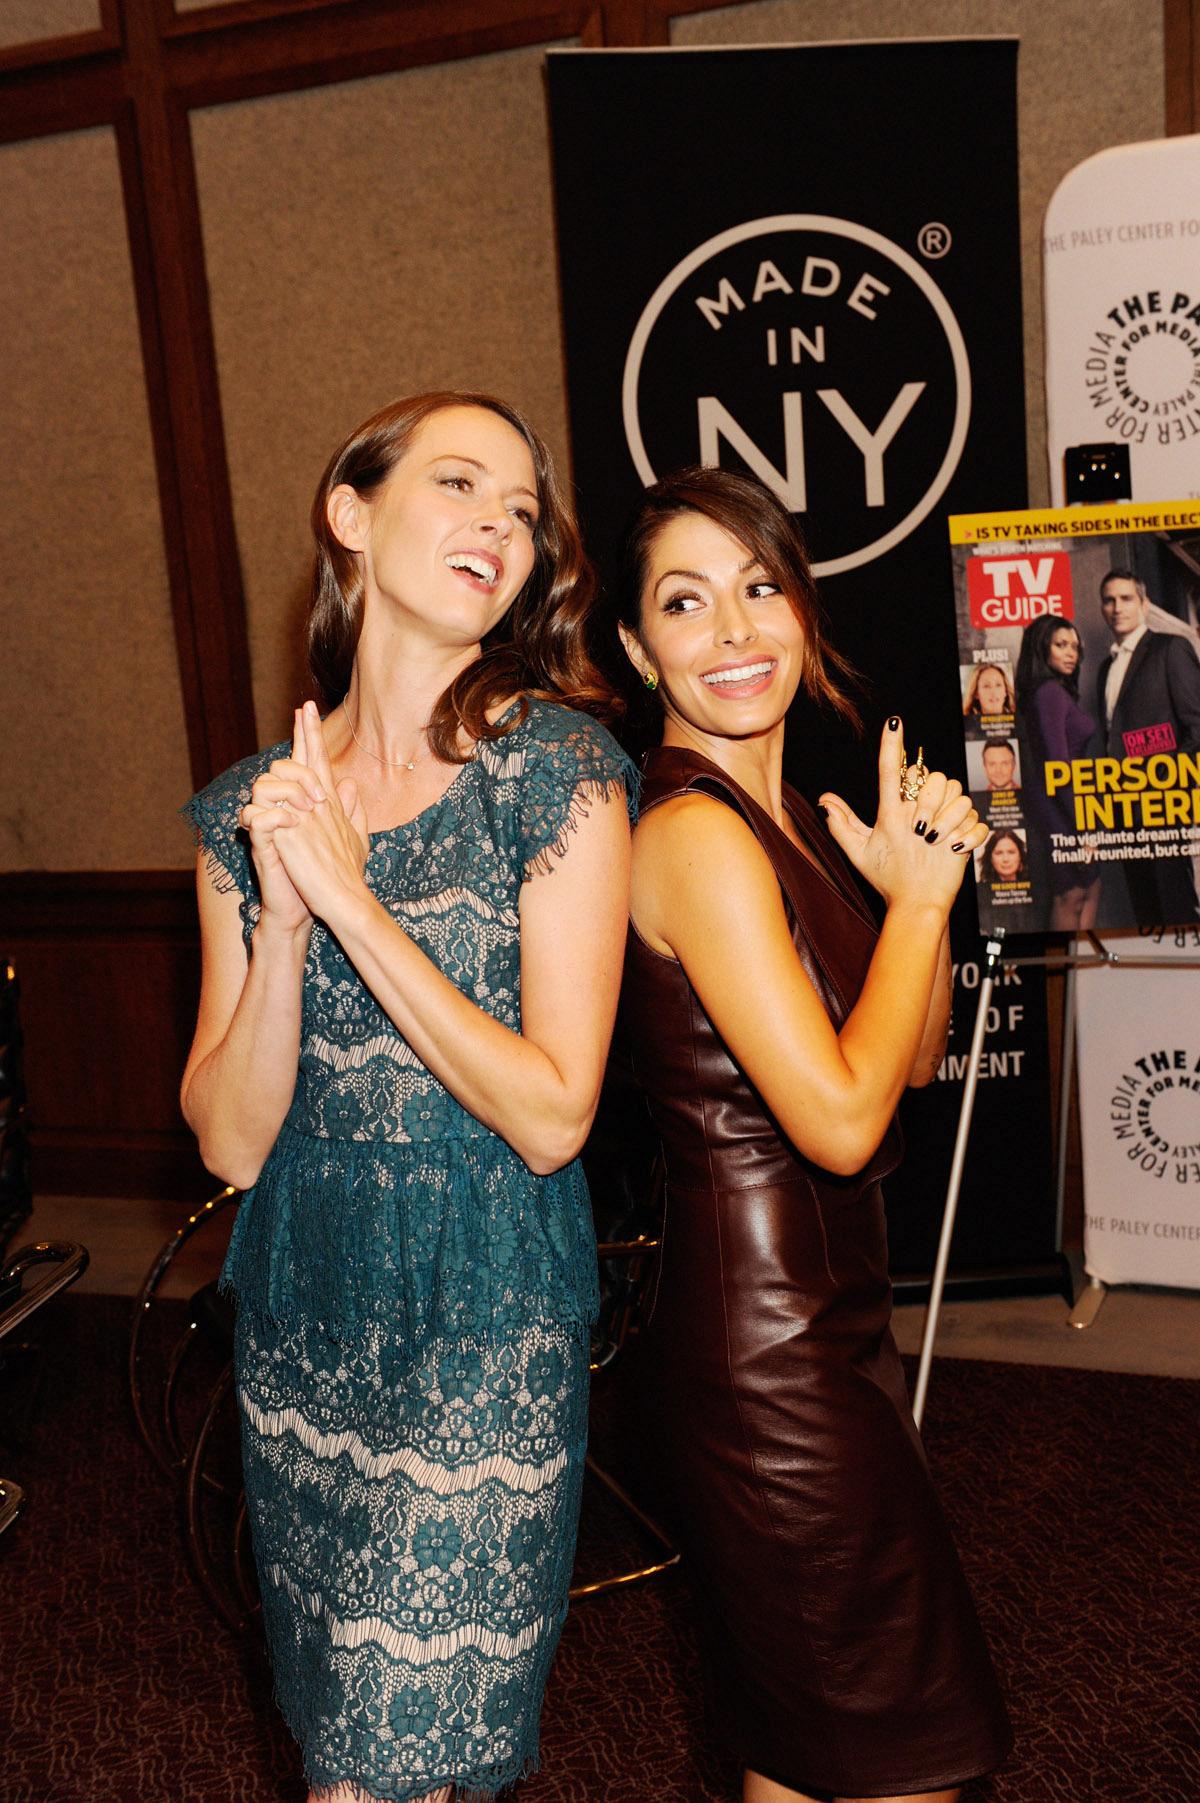 Amy and Sarah